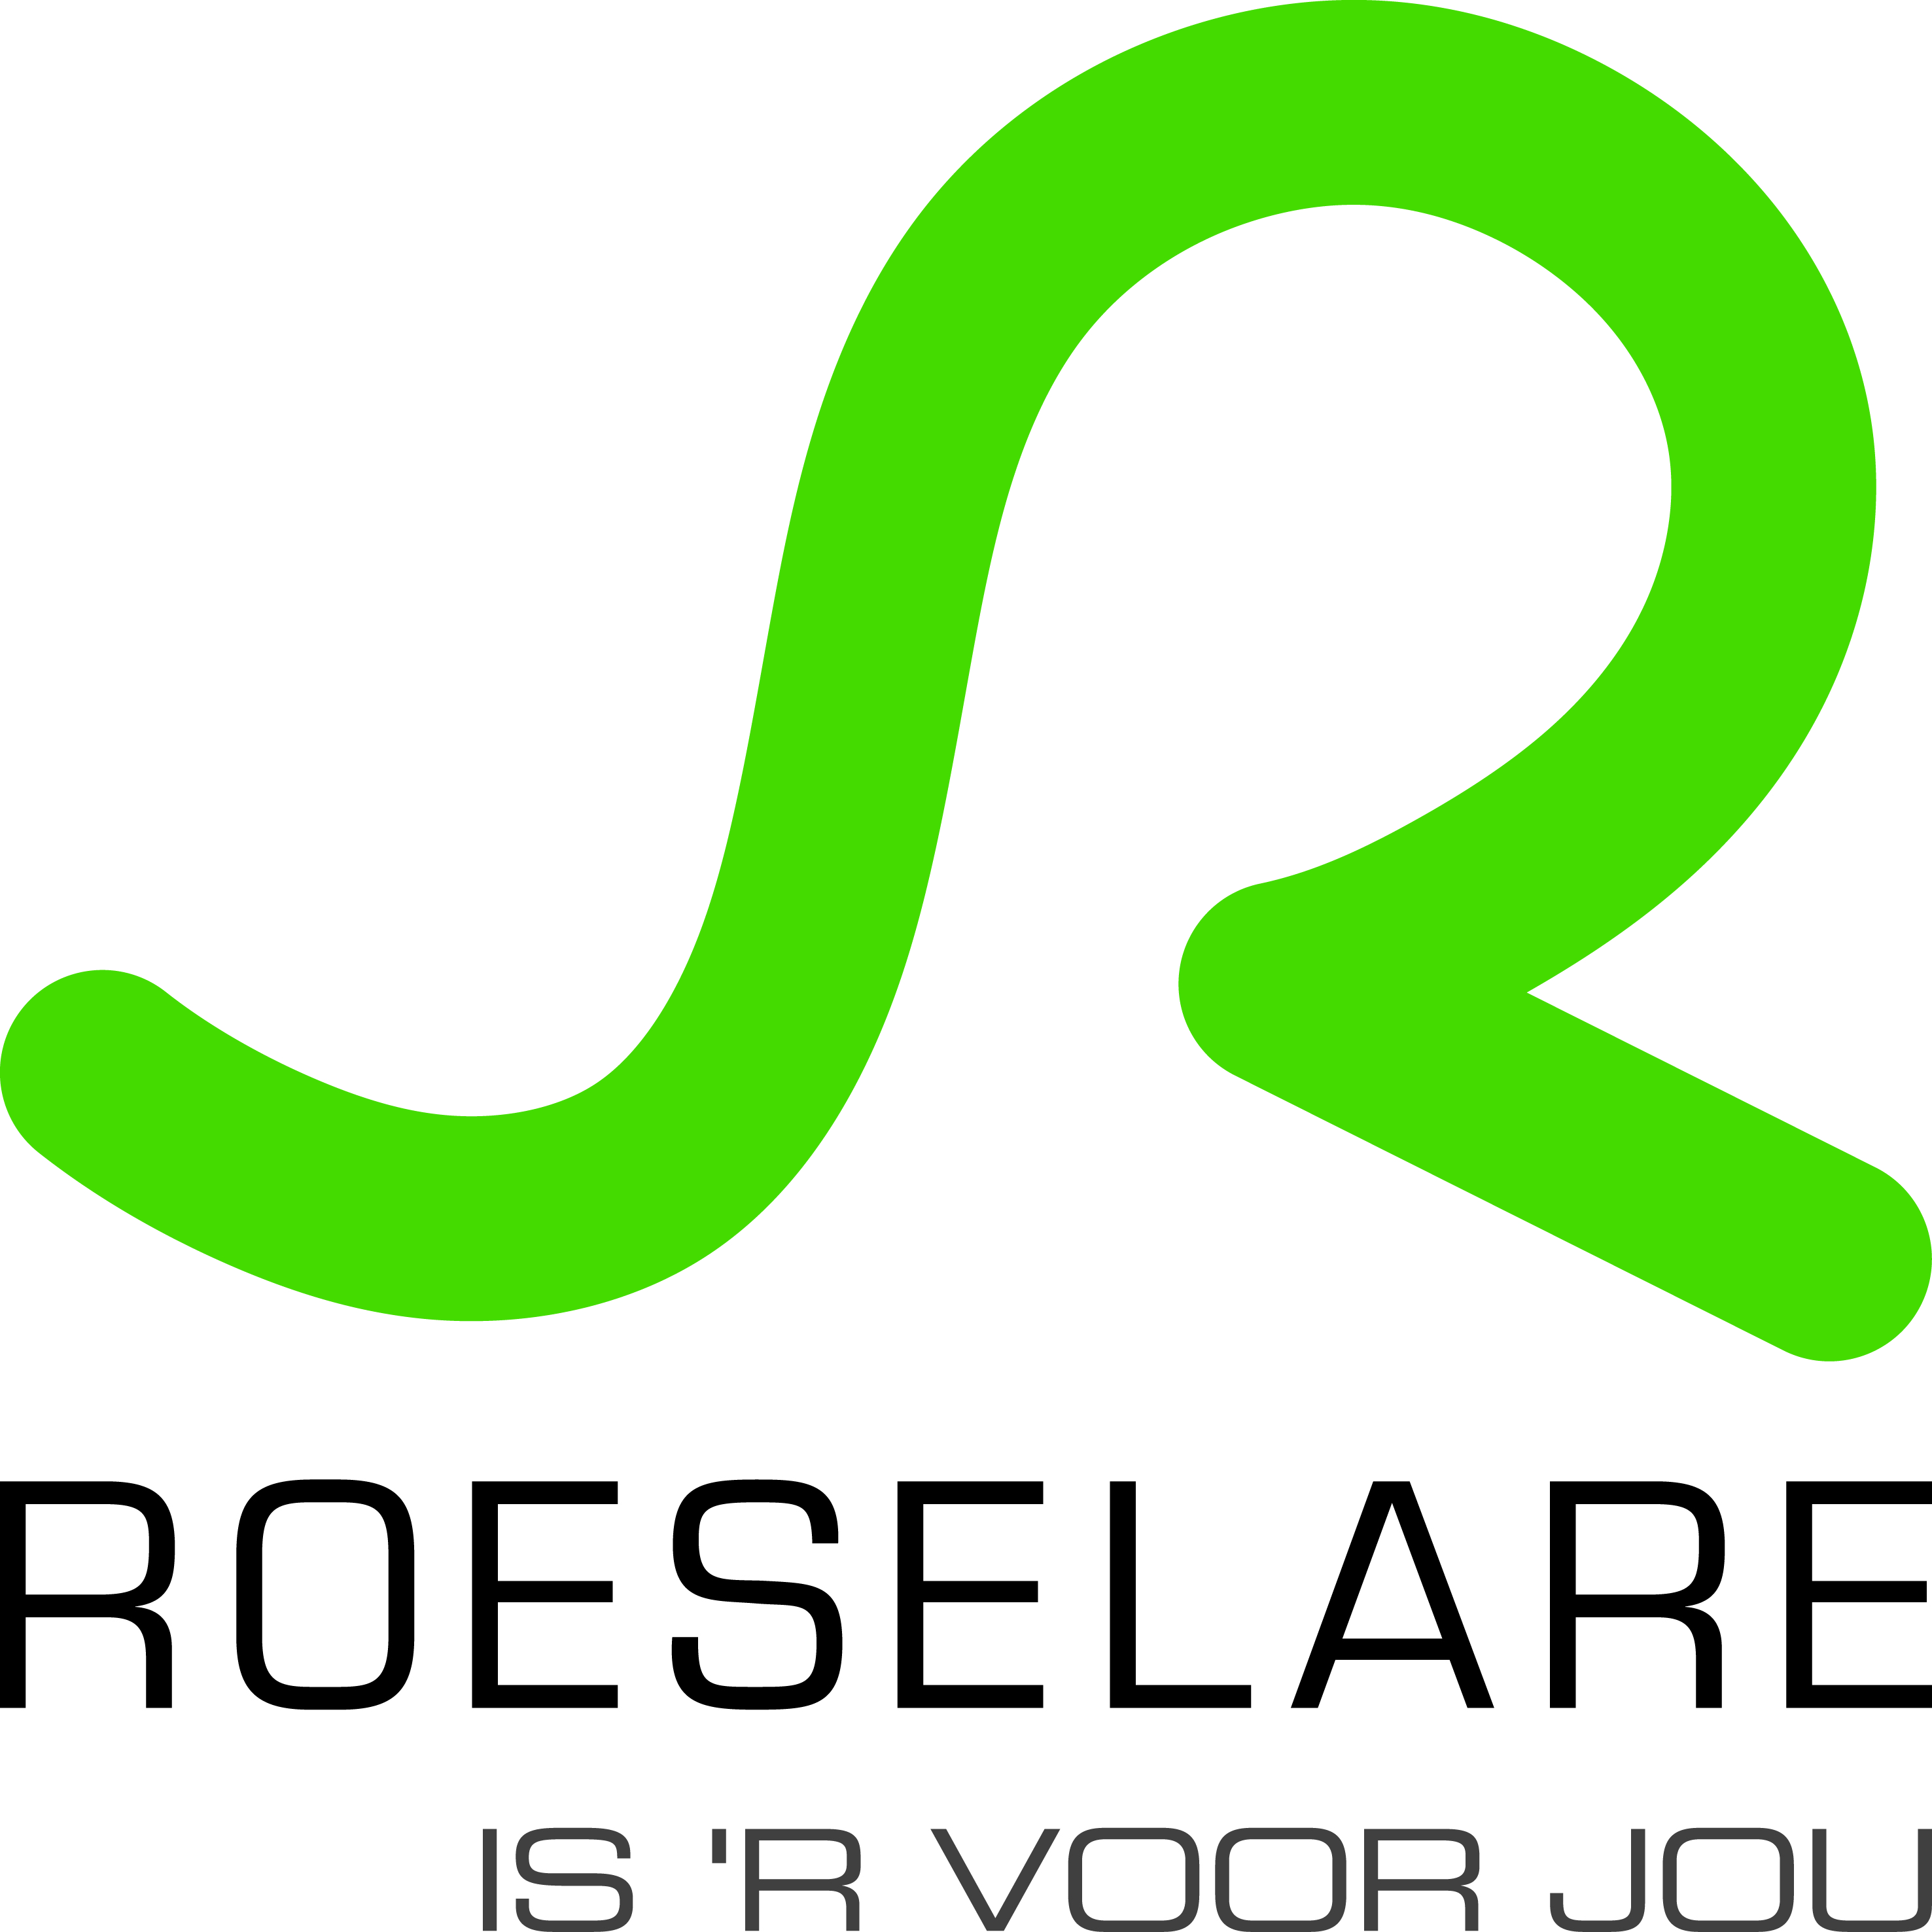 Logo Roeselarejpg